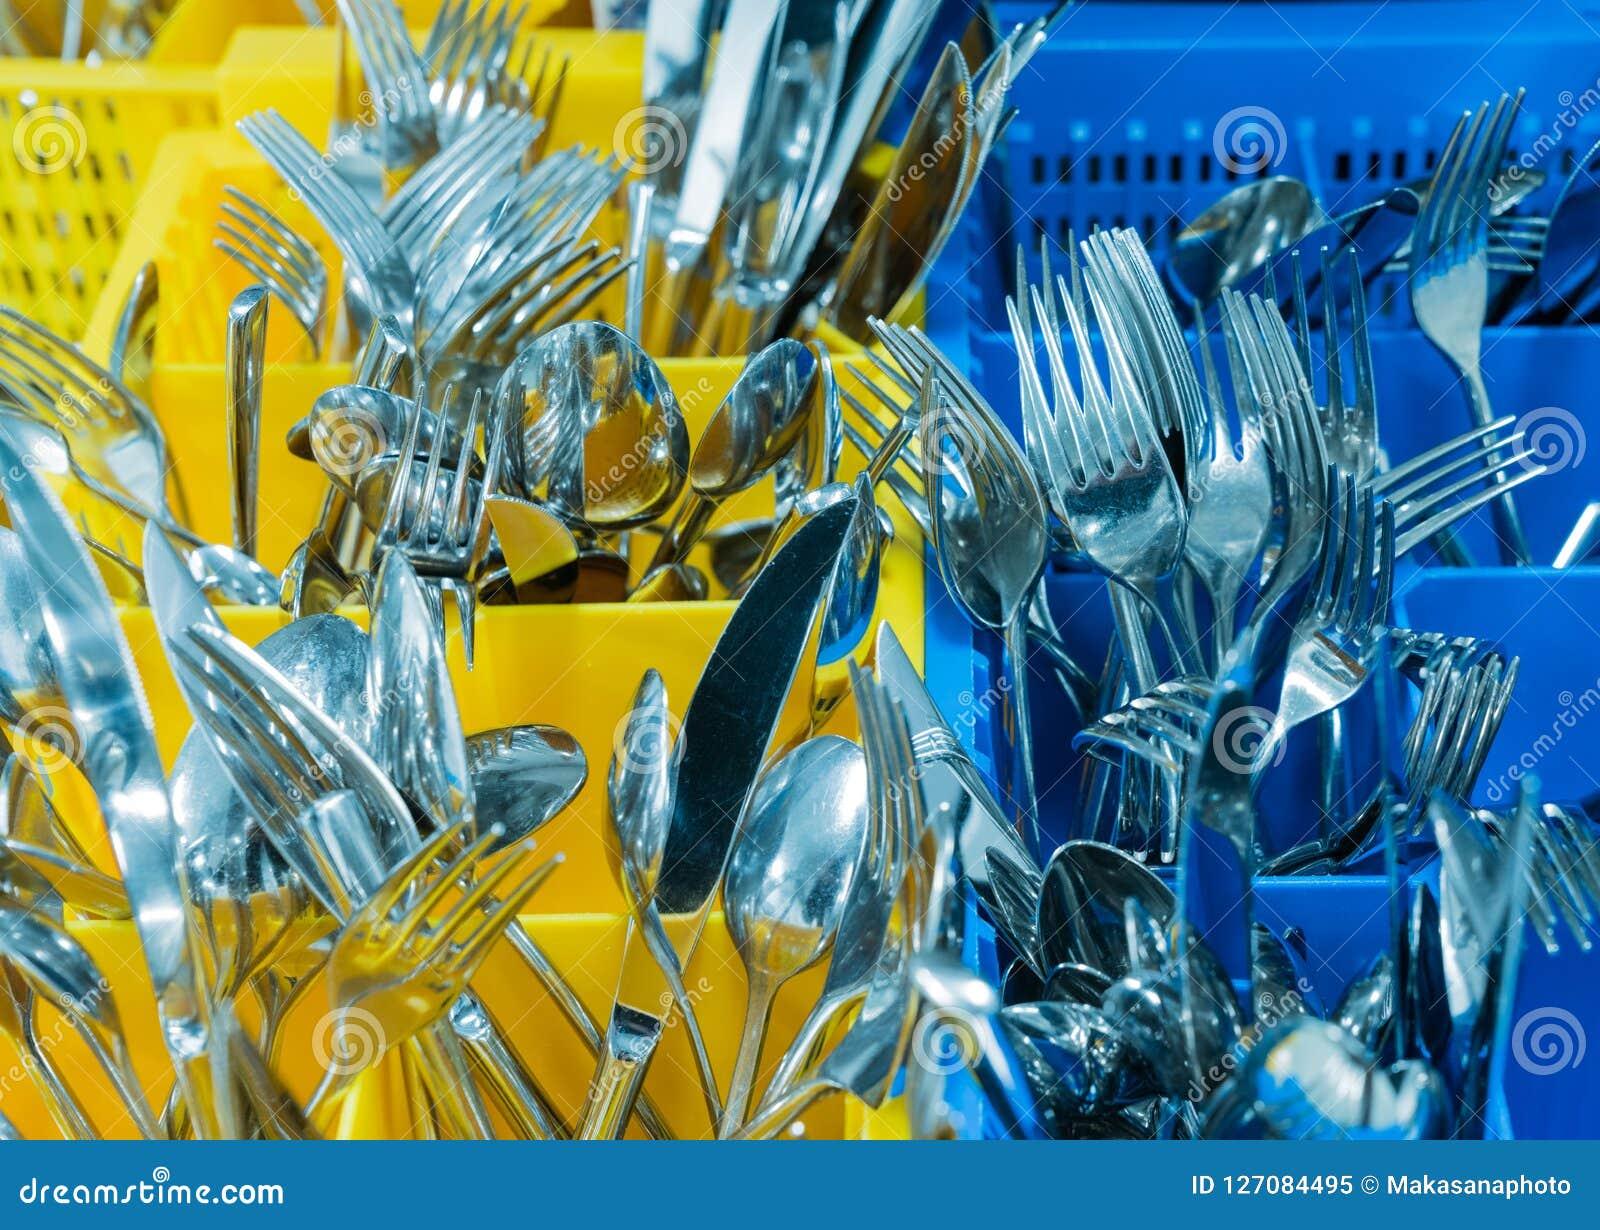 Ασημικές και μαχαιροπήρουνα στο ζωηρόχρωμο palstic ocntainer σε μια βιομηχανική κουζίνα εστιατορίων